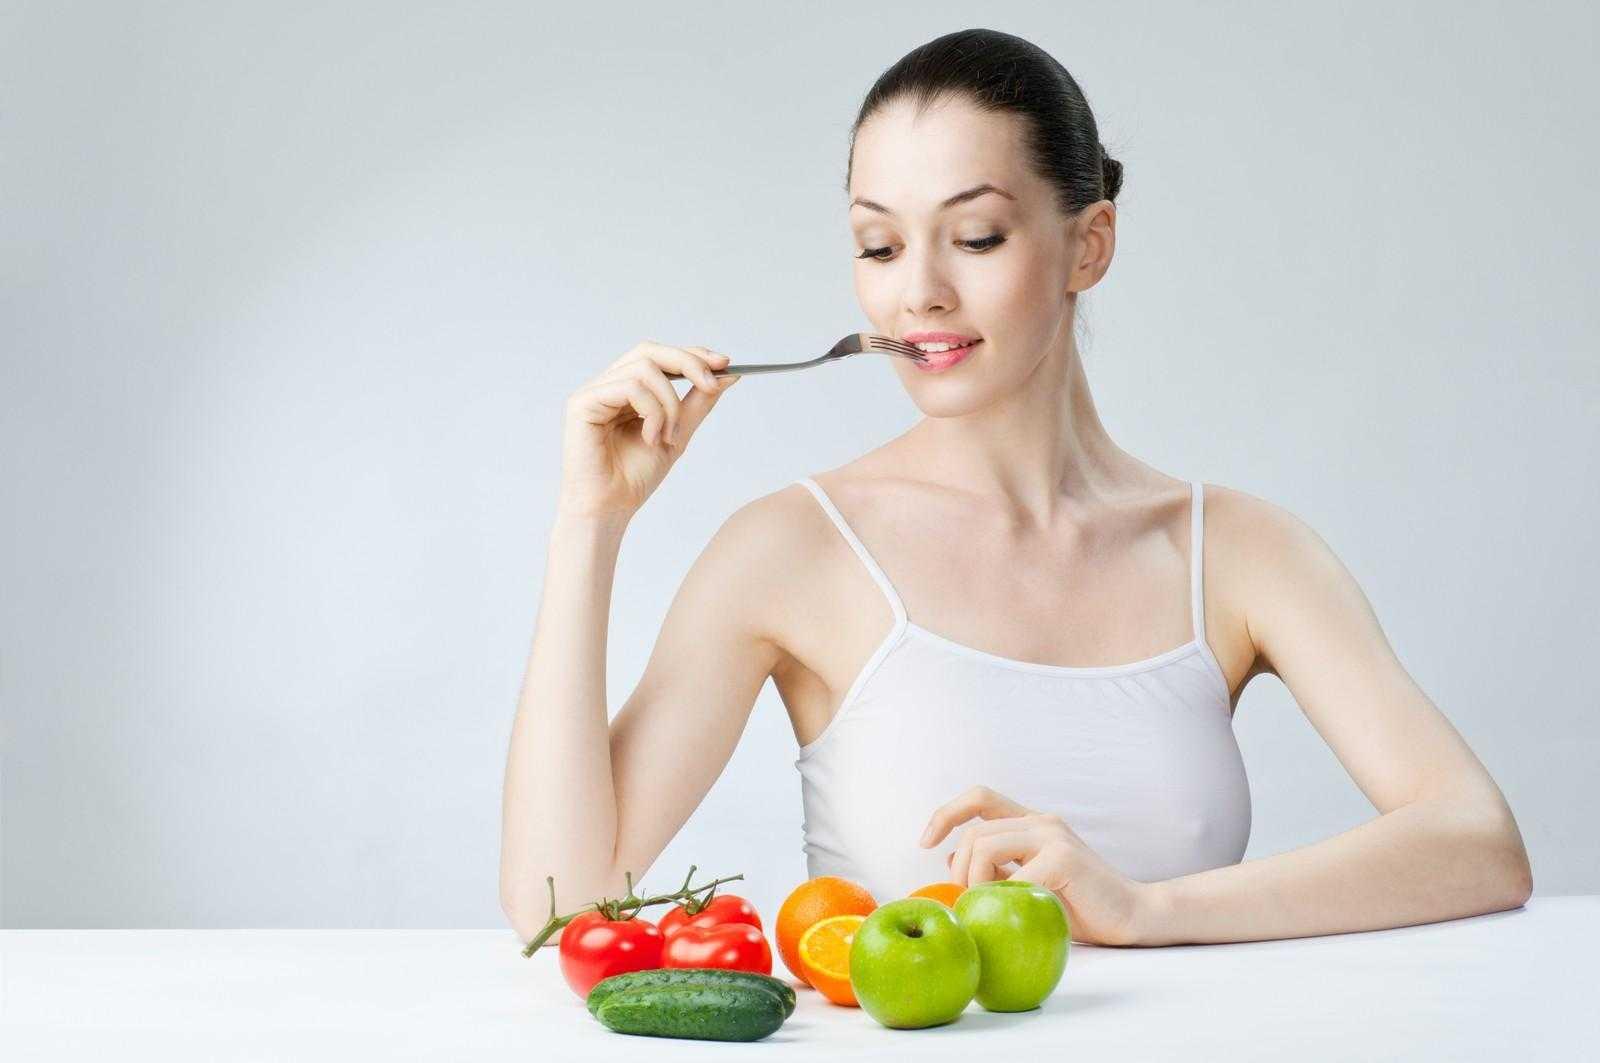 12 самых эффективных диет для похудения | food and health